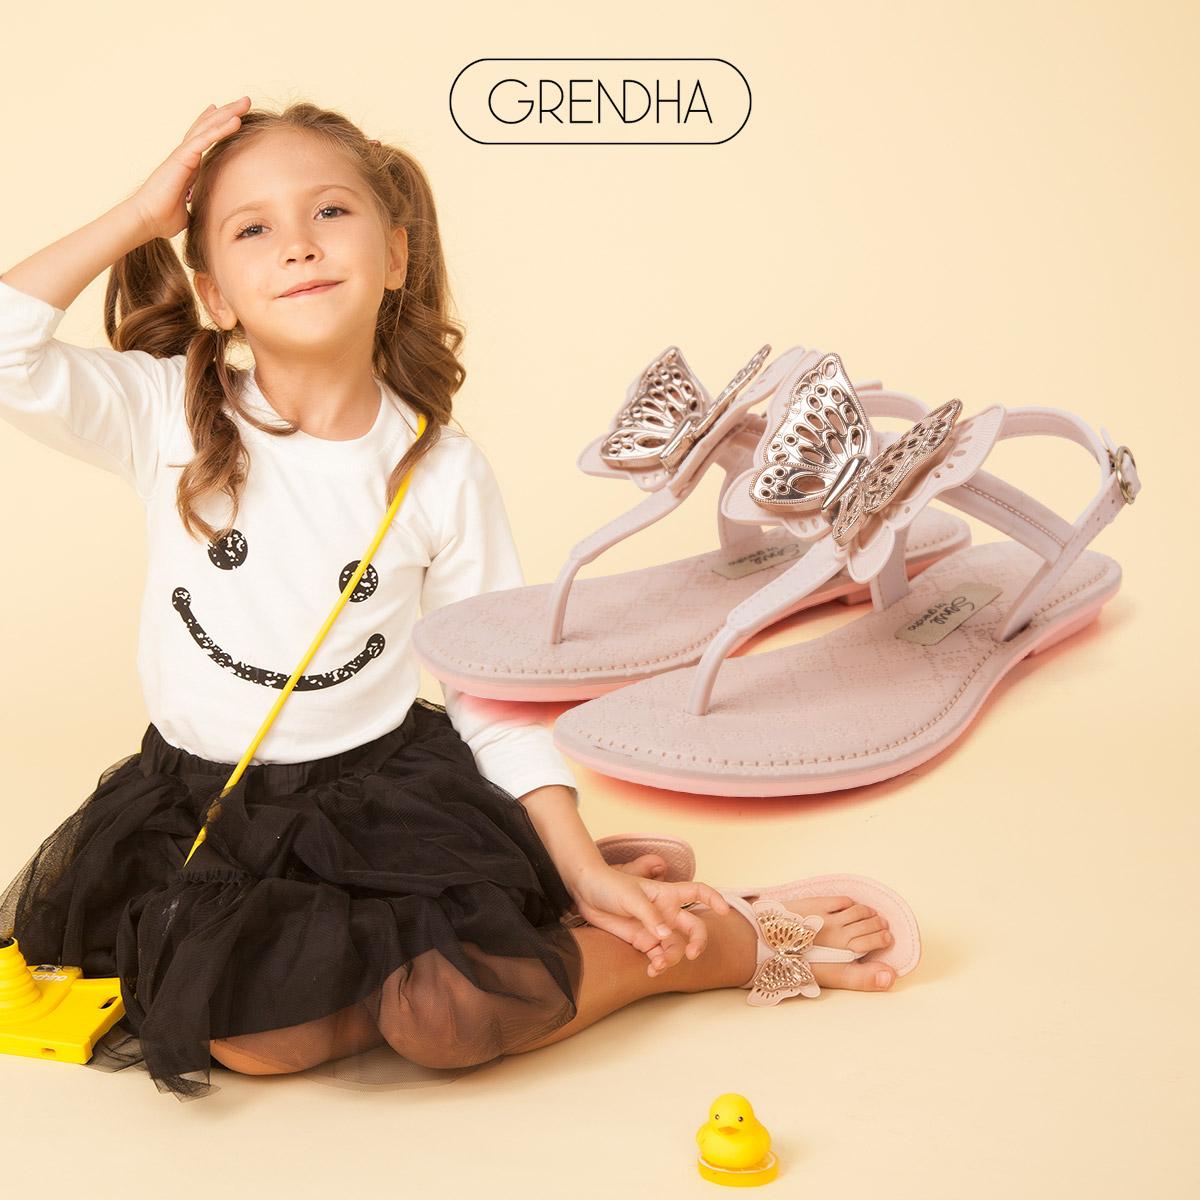 【特价】grendha进口女童凉鞋感官系列凉鞋IV儿童夹趾亲子沙滩鞋